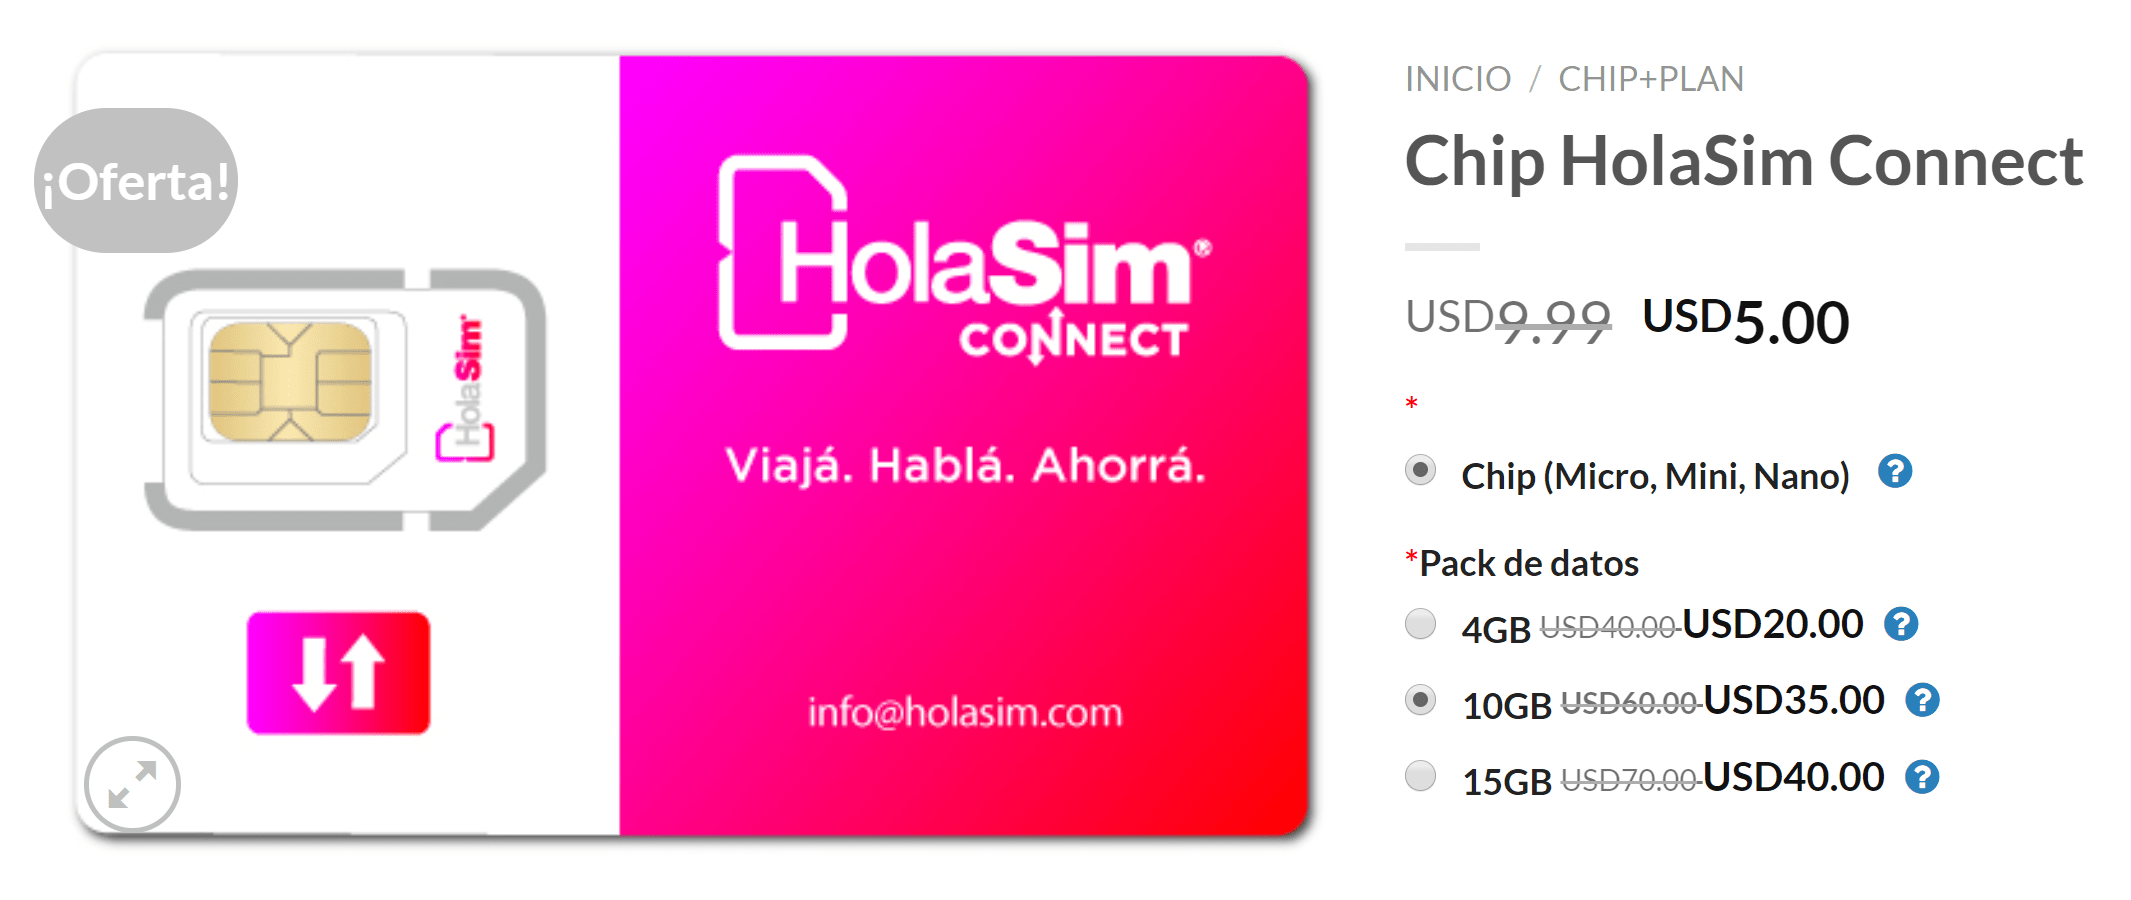 holasim nuevo precio chip